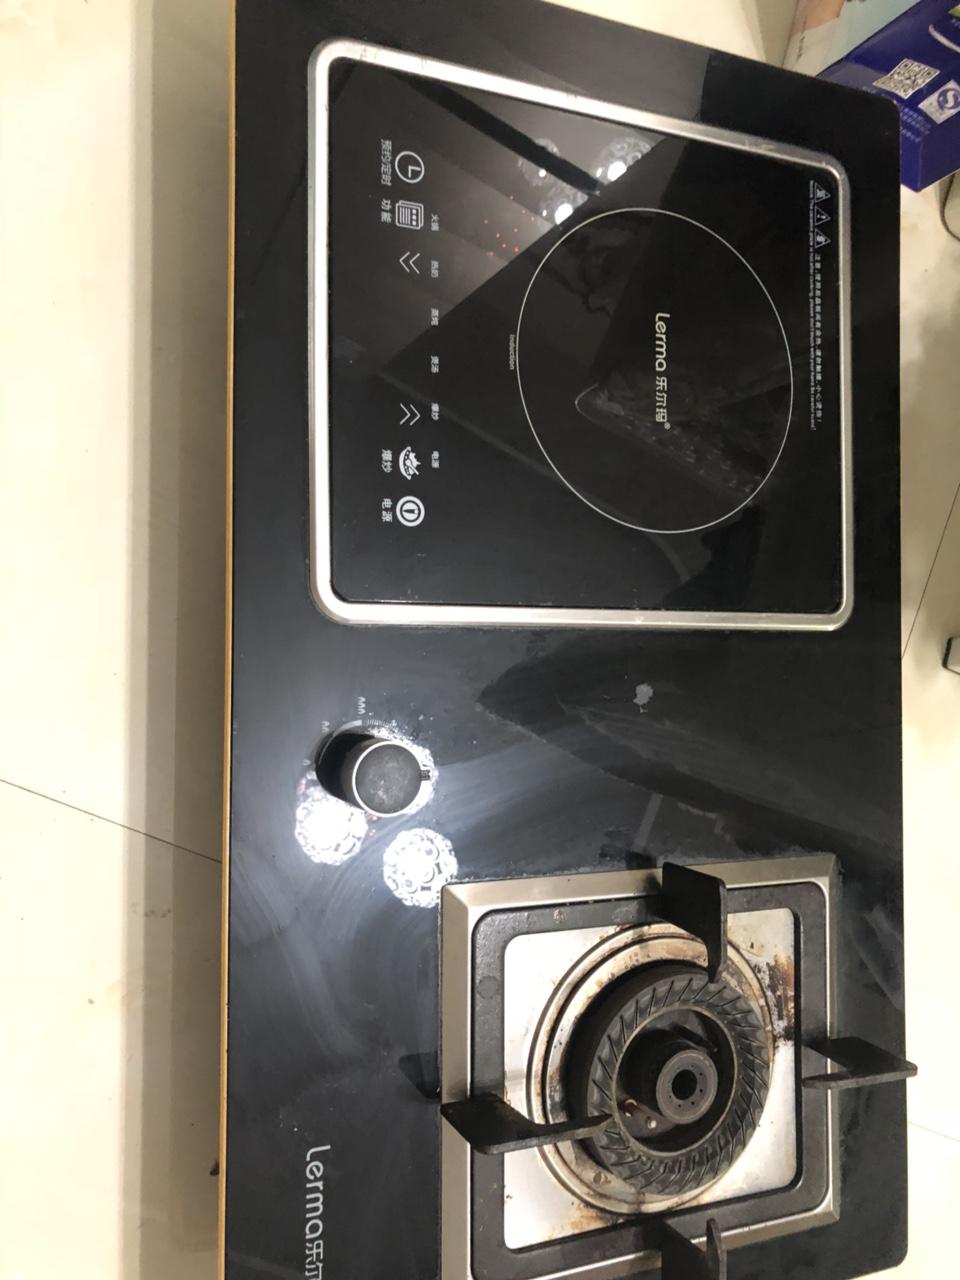 乐尔玛炉盘燃气电磁炉,9成新,用了不到半年,很爱惜,搬家甩卖,成心要的来。左边电磁炉,可拆卸,吃火锅...